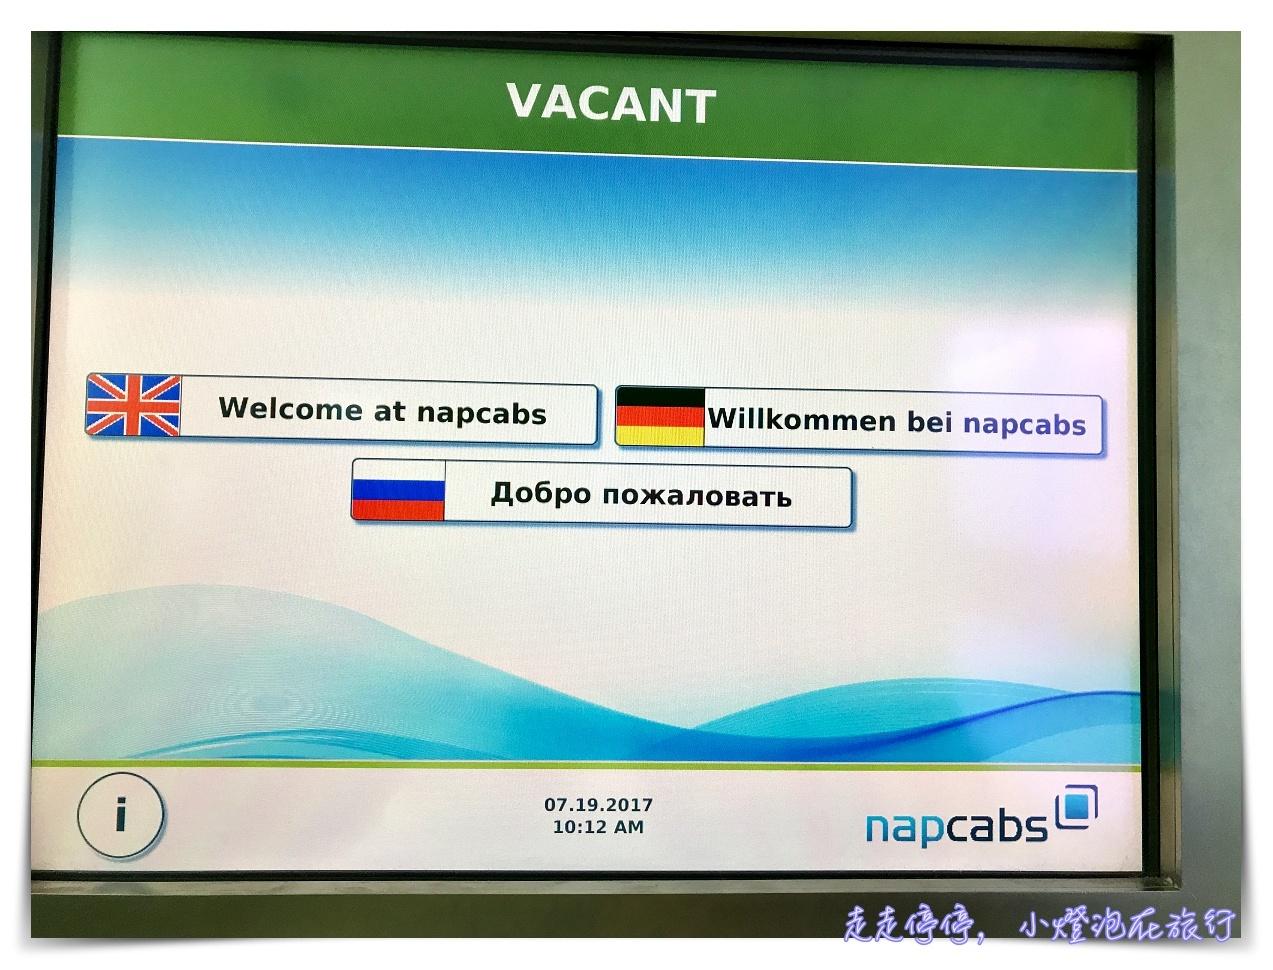 慕尼黑機場napcabs|膠囊休息房~機場候機室旁舒服休息好空間~